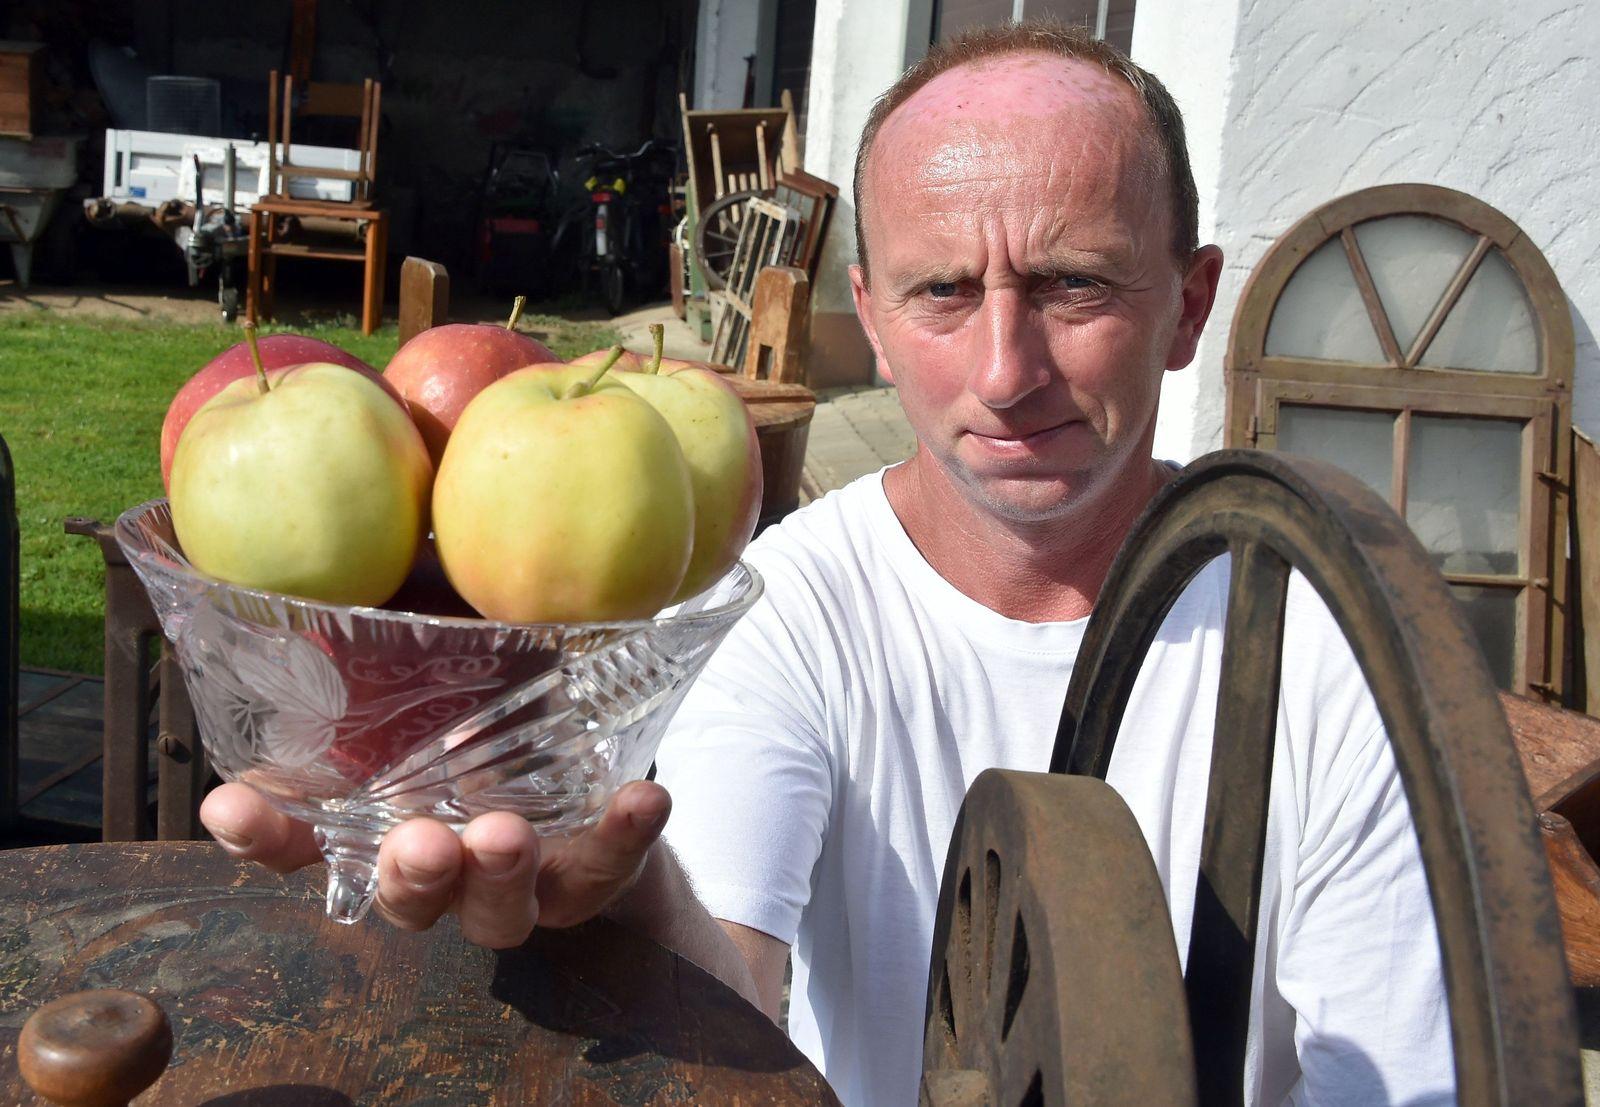 Streit um Apfelköniginnen-Wahl landet vor Gericht